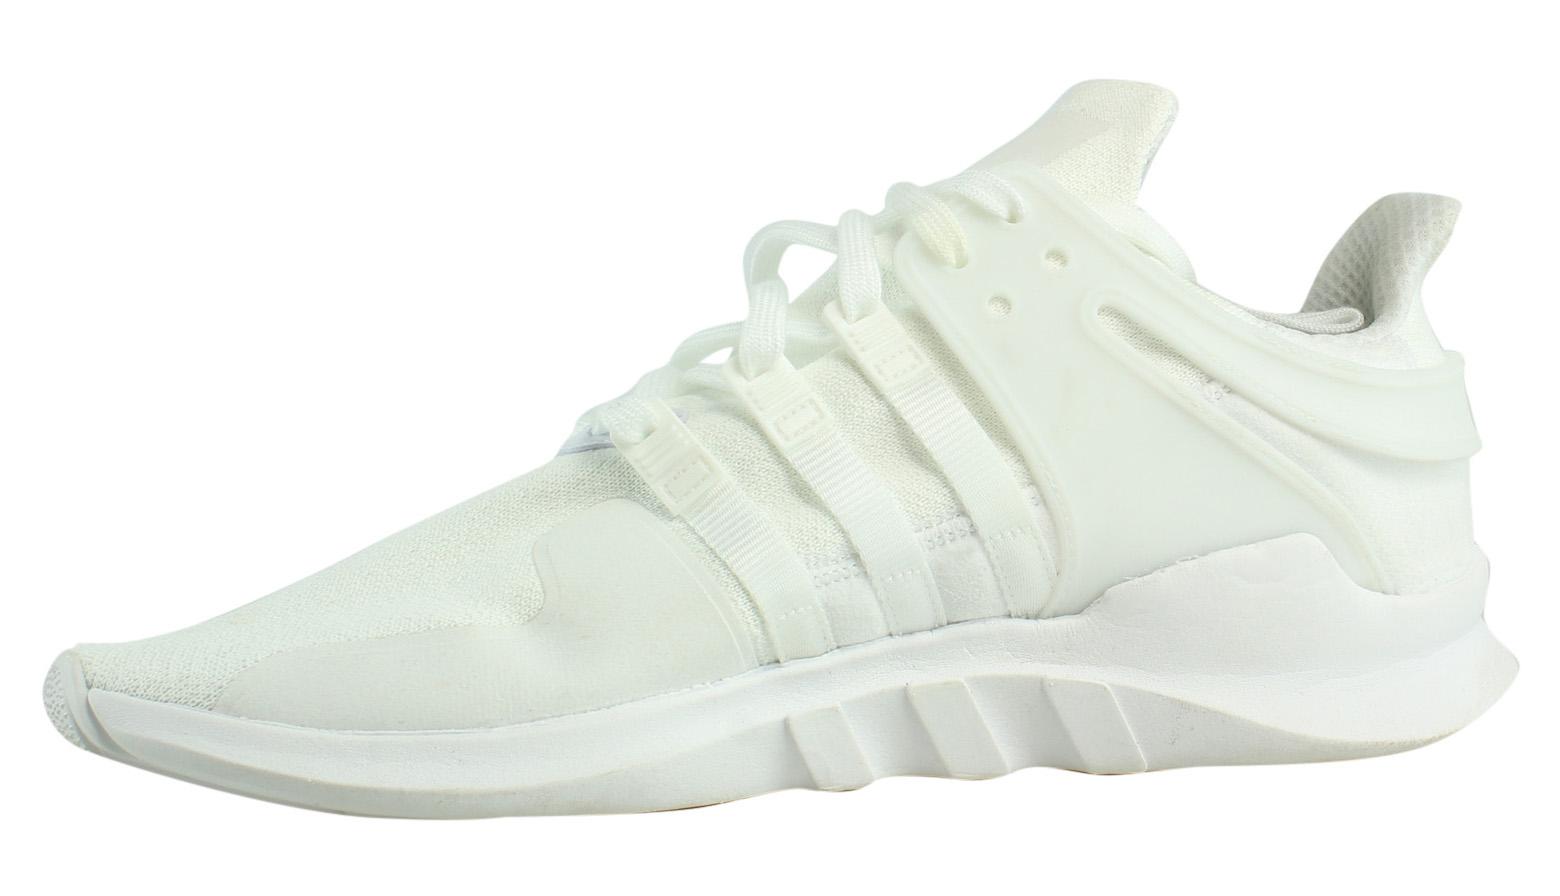 Adidas Uomo eqt appoggio (429954) avanzata delle scarpe bianco dimensioni 13 (429954) appoggio 5c8cf8